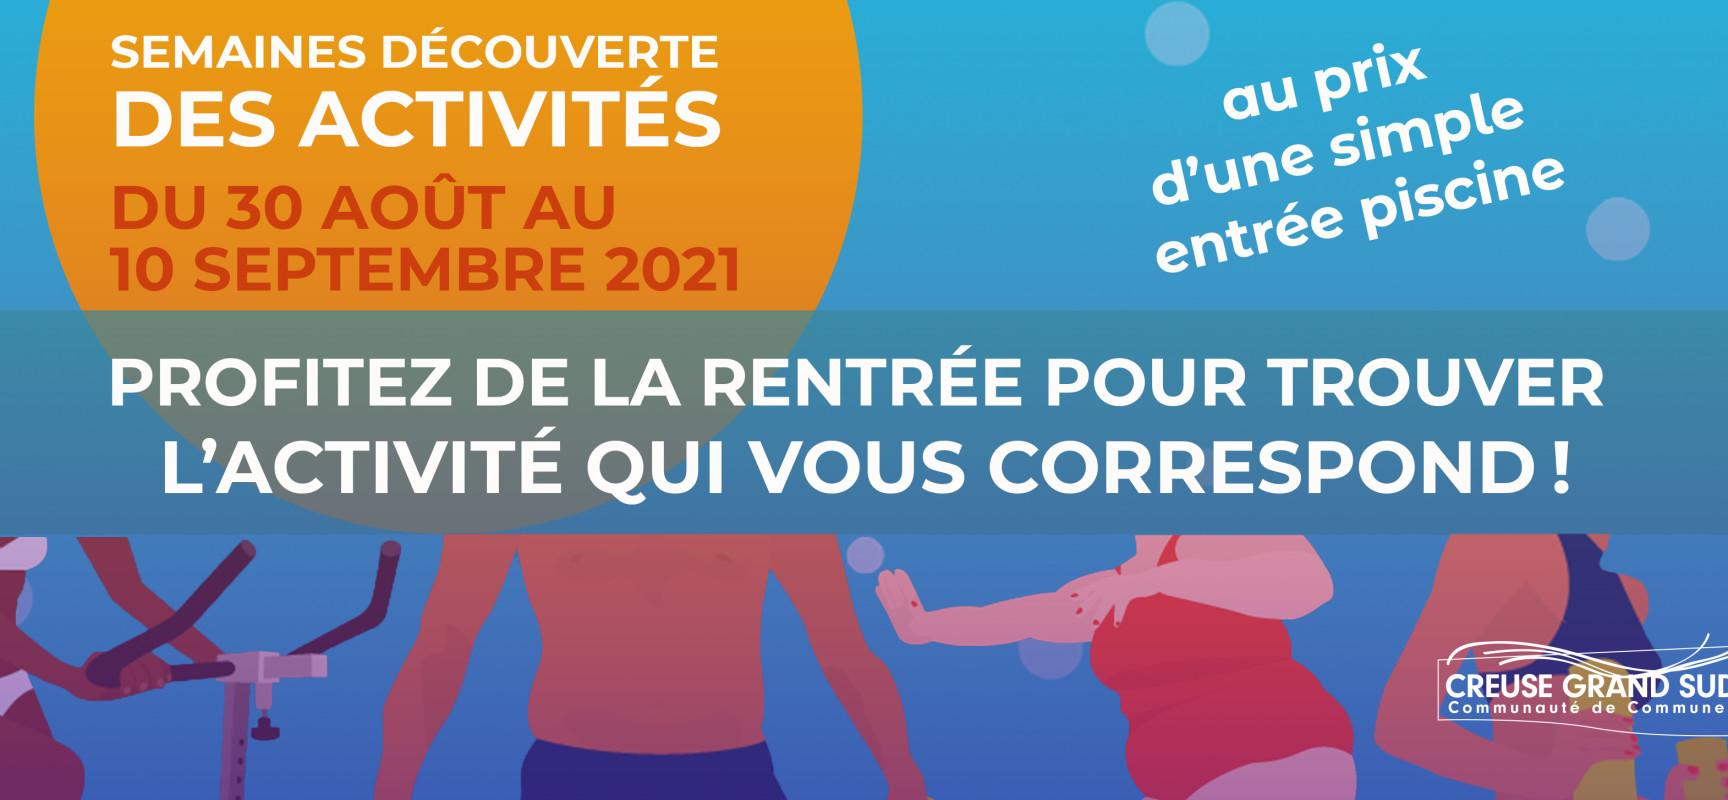 AQUASUD prépare la rentrée – Semaines de découverte des activités 2021/2022